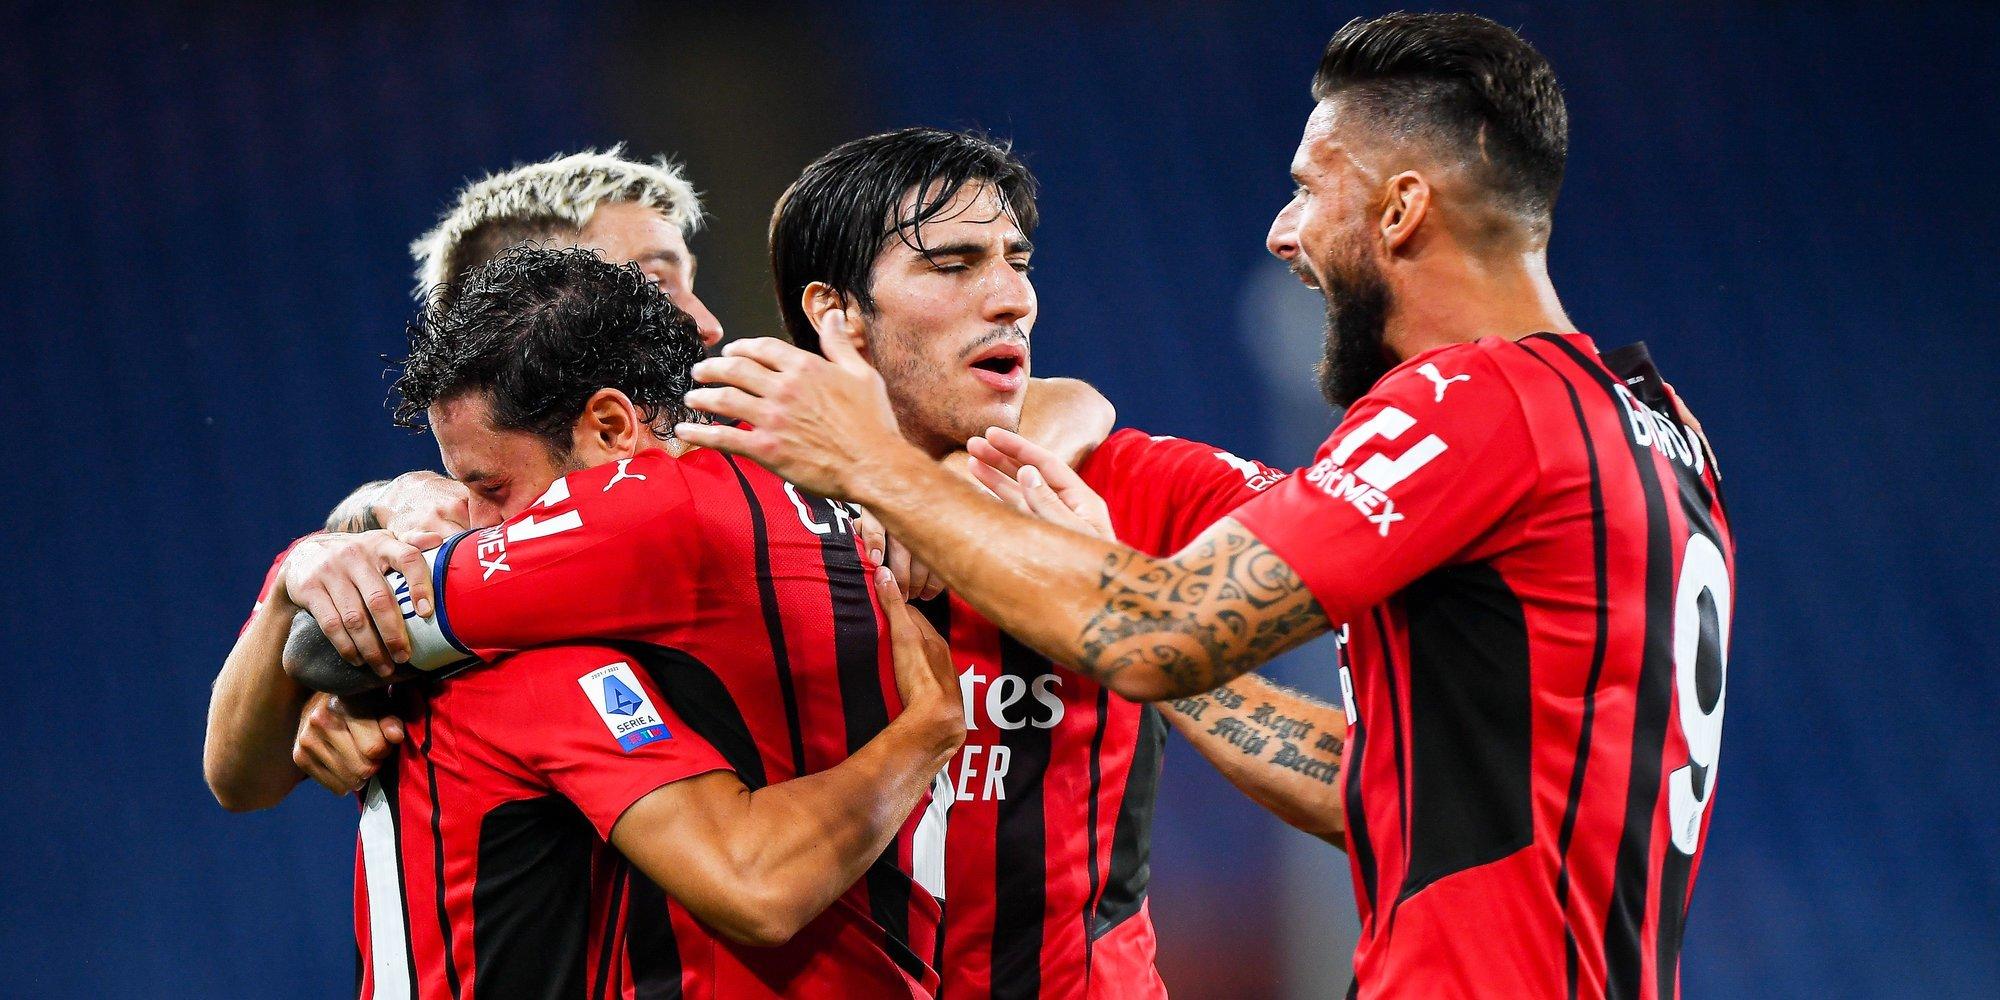 «Милан» повторил лучший старт в Серии А с чемпионского сезона-2003/04